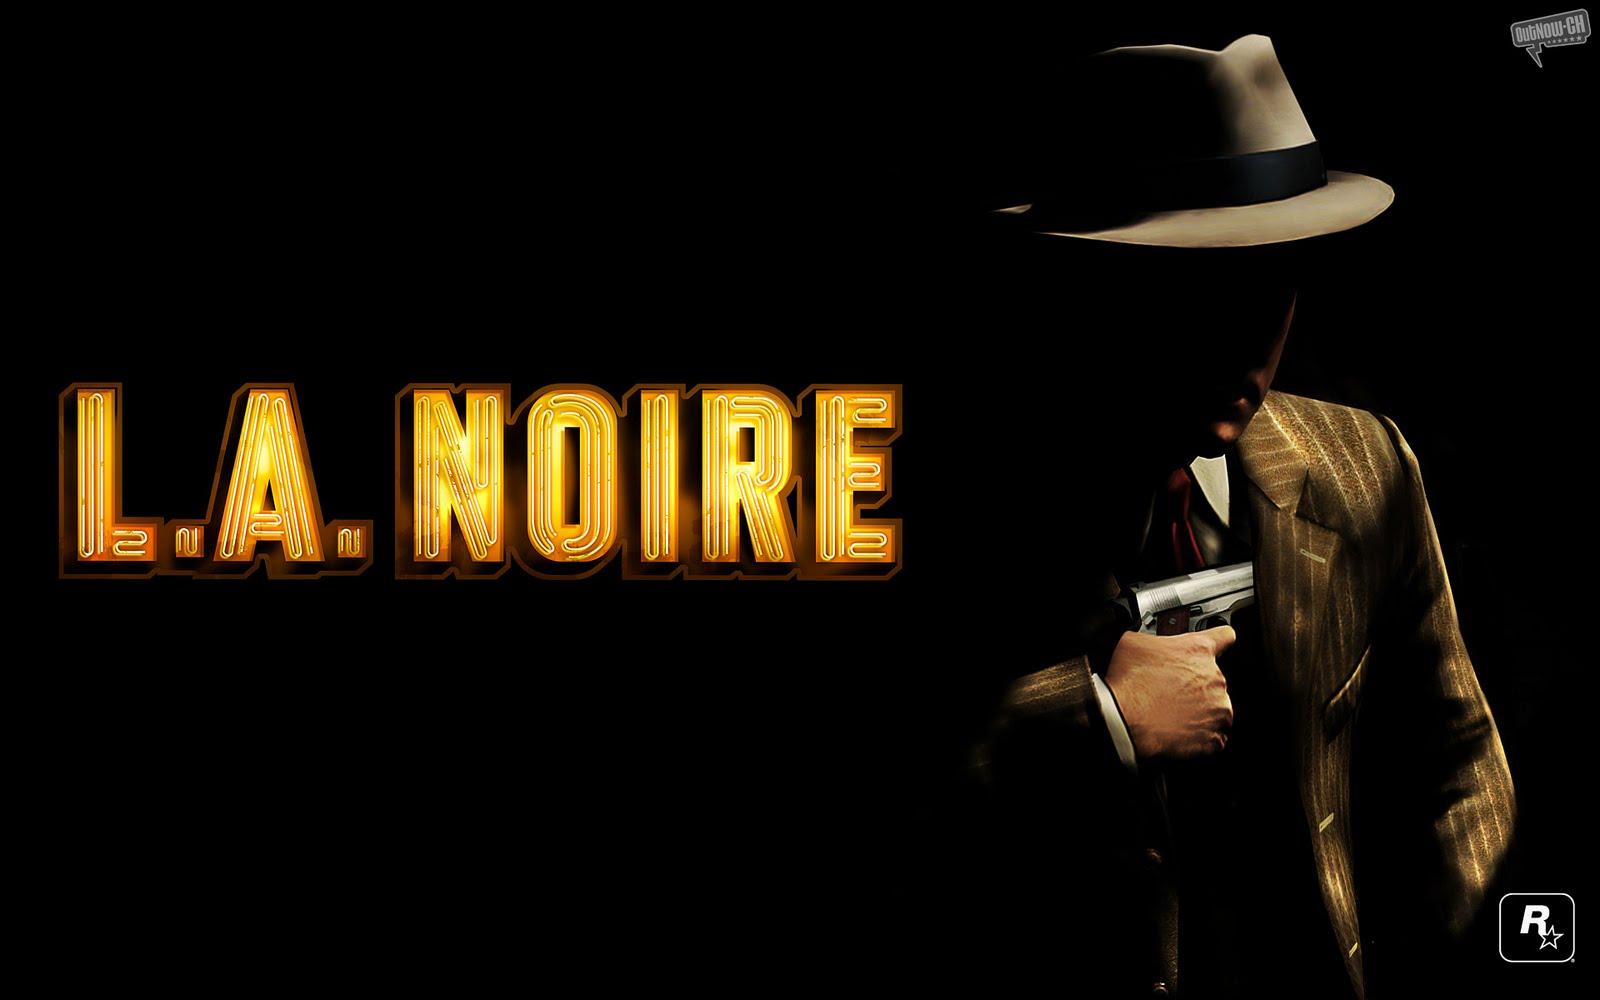 http://3.bp.blogspot.com/-f-OIaUdazWs/TcAhvjTzOJI/AAAAAAAAAMc/2ZaE_oNvPog/s1600/L.A._Noire_wallpaper_1920x1200.jpg